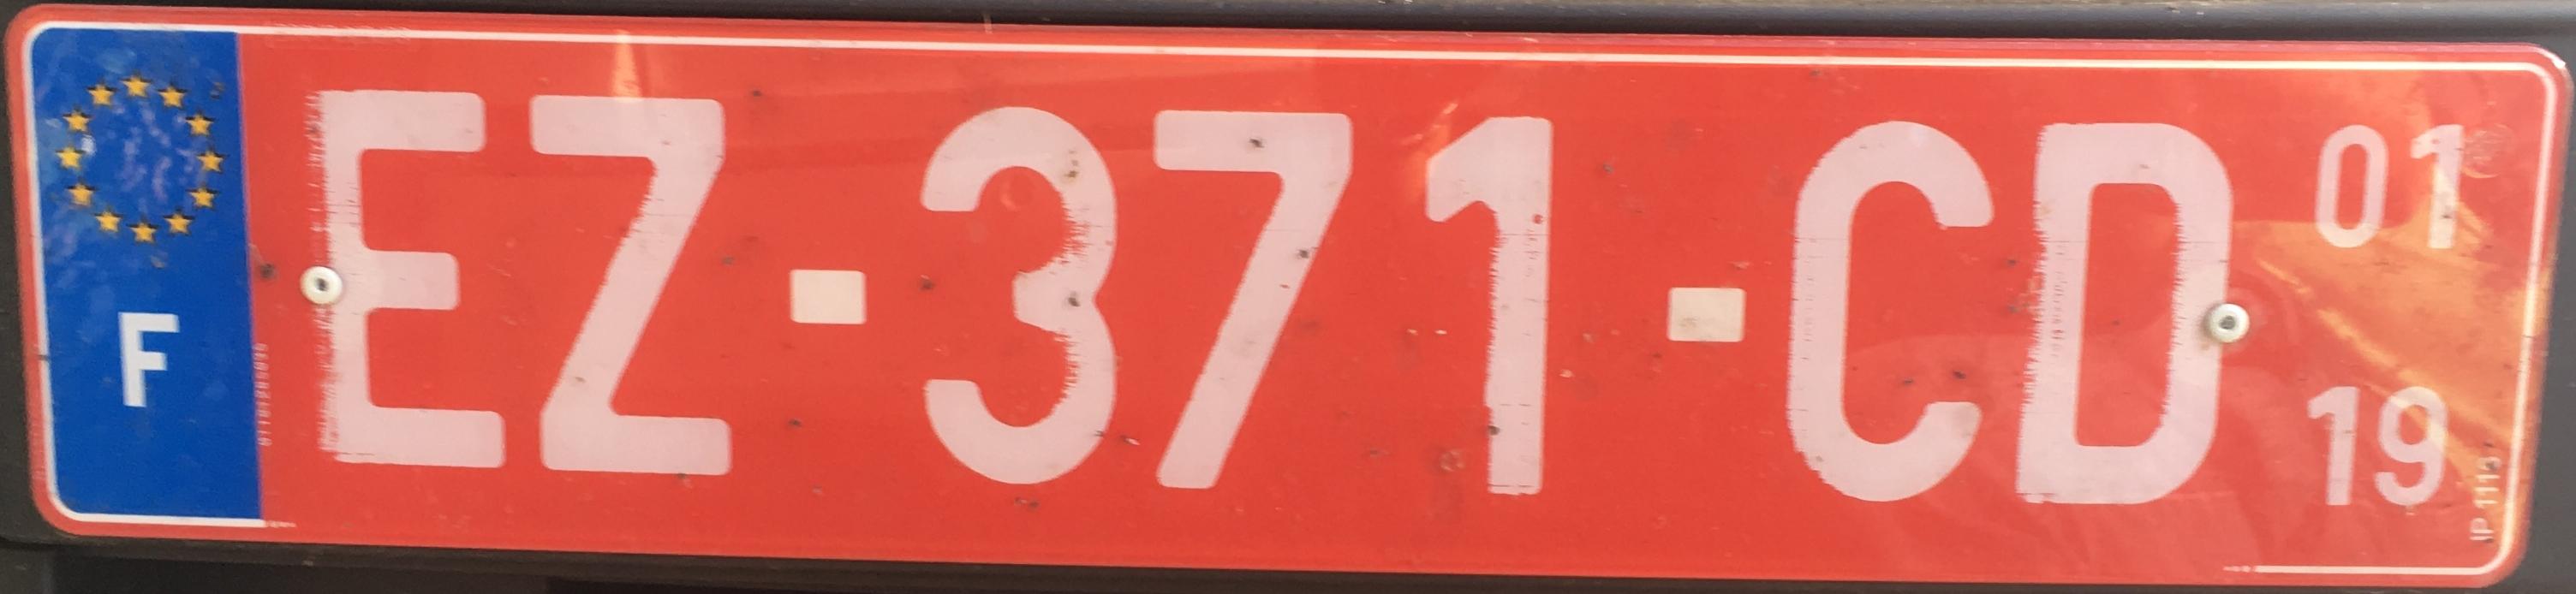 Francouzská registrační značka exportní, foto:www.podalnici.cz